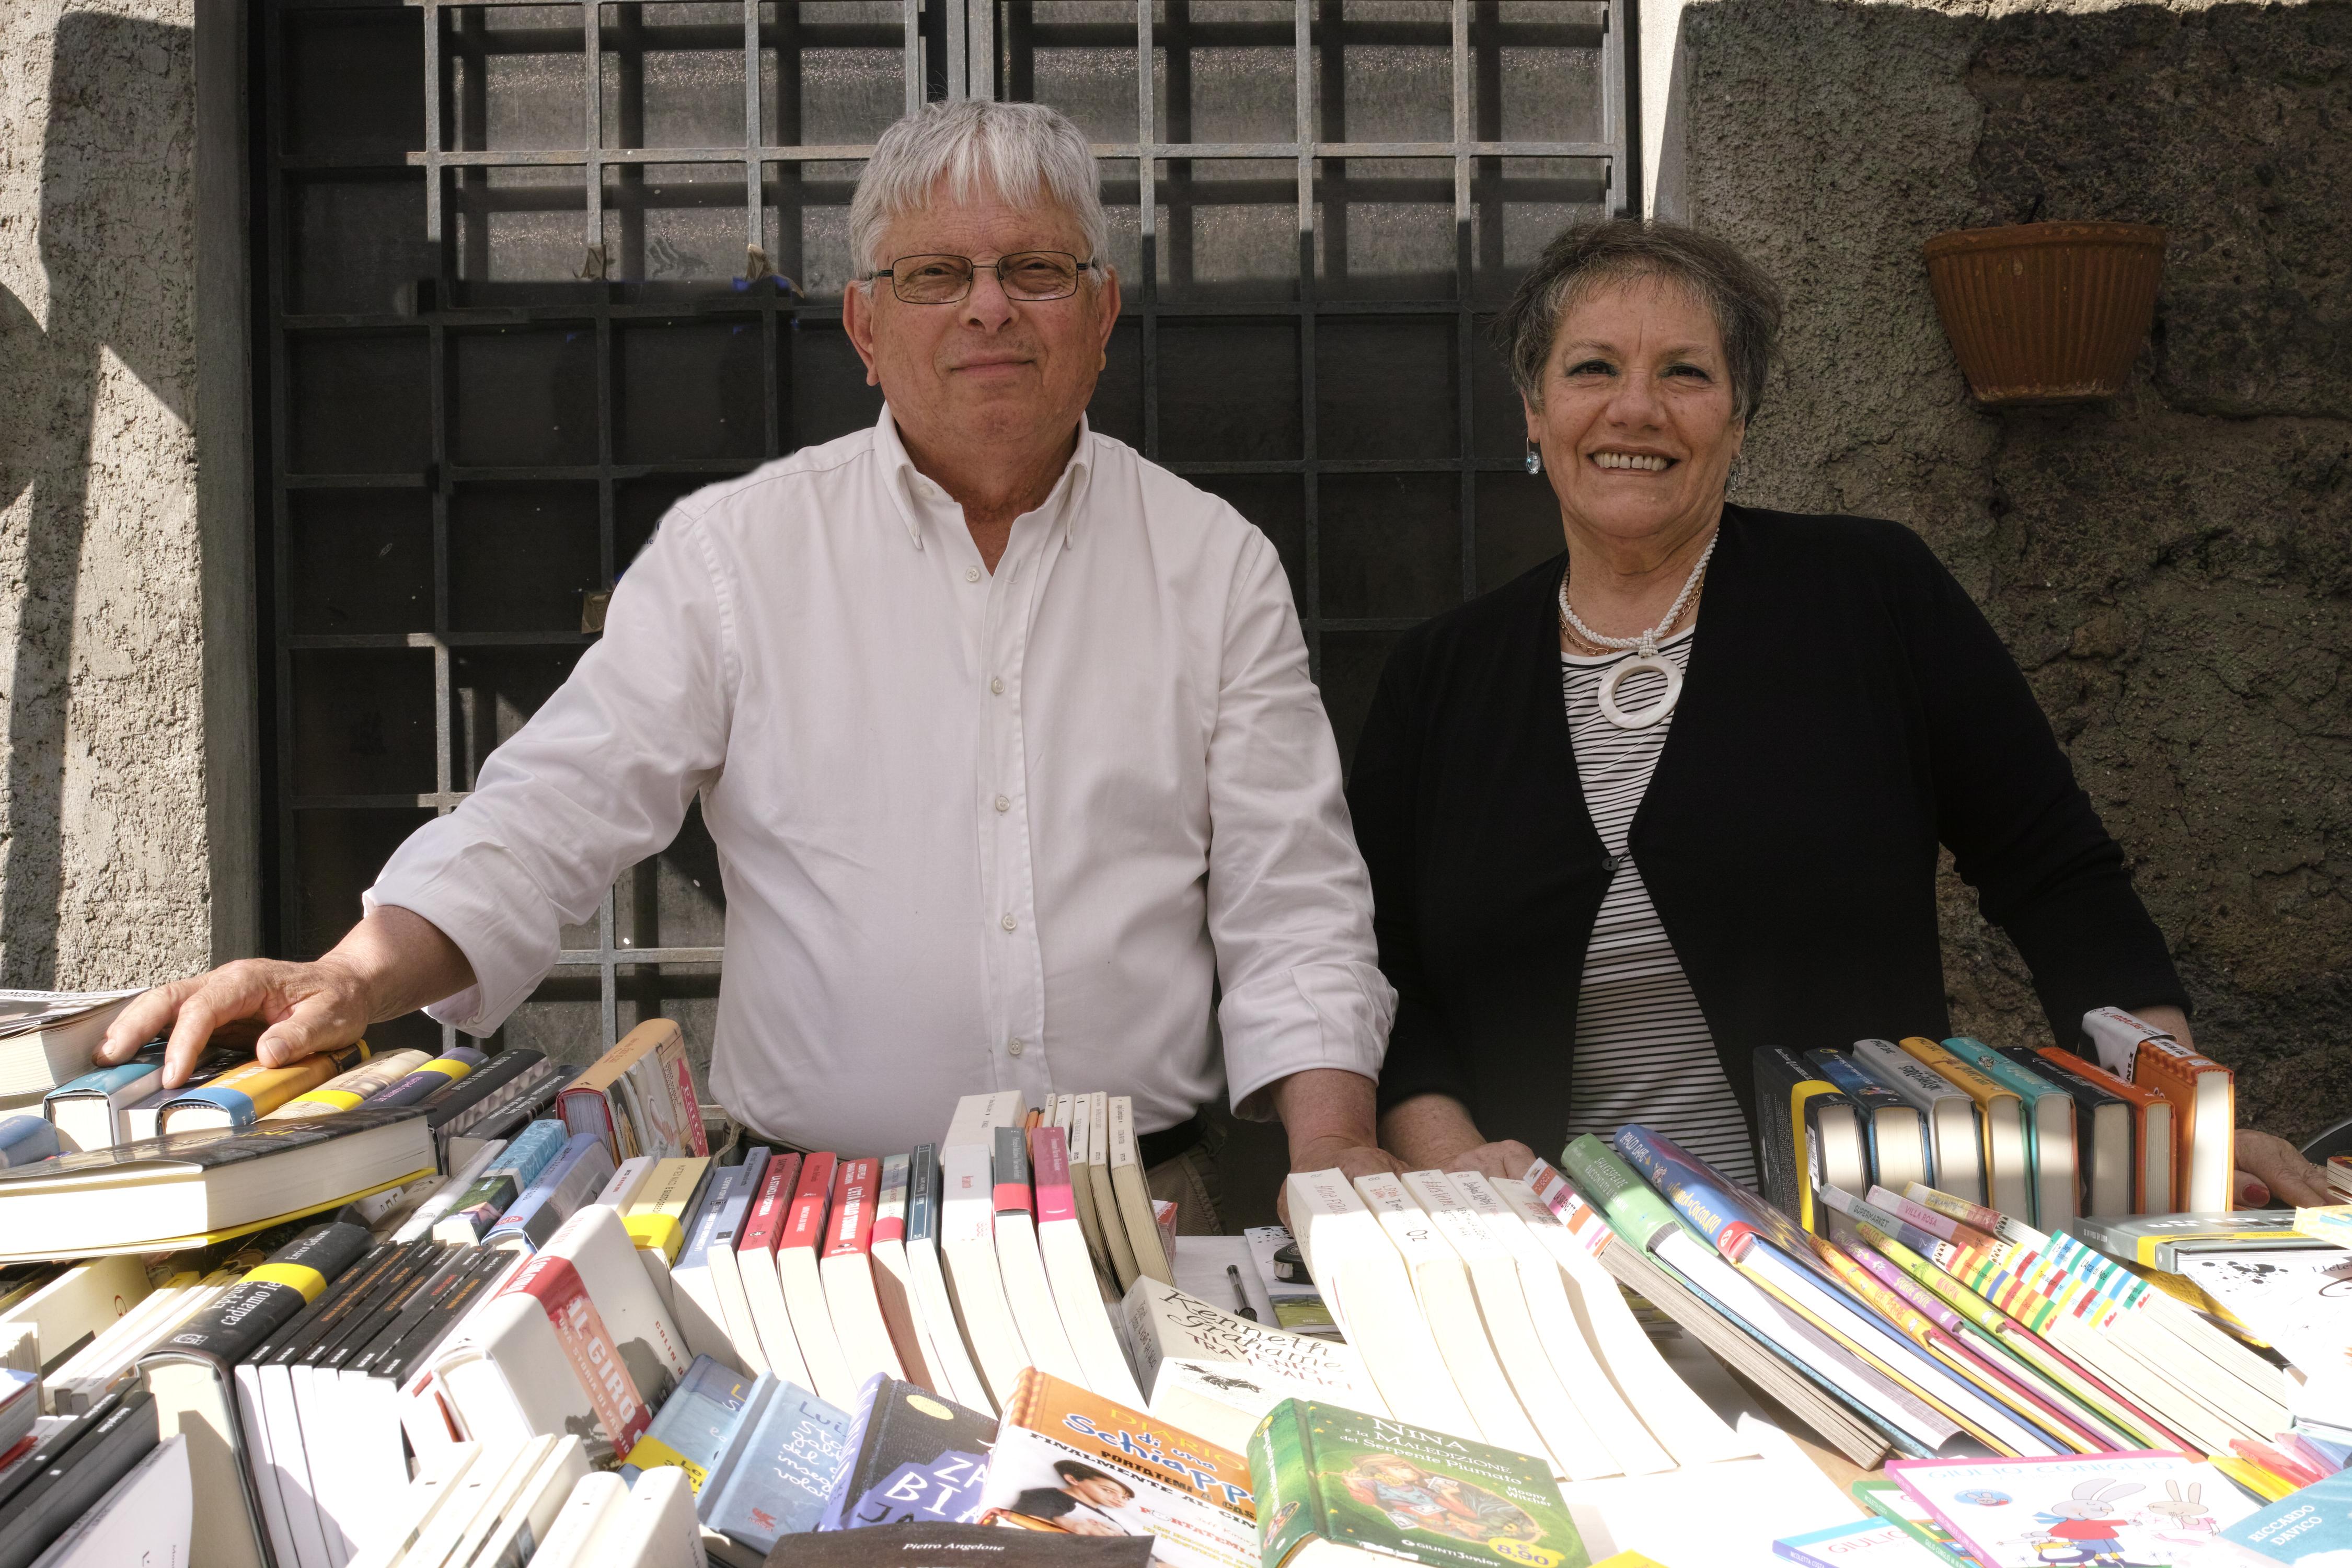 La  Viterbo che resiste: i 40 anni della libreria Fernandez di Via Mazzini, dove signorilità e competenza costituiscono un binomio perfetto